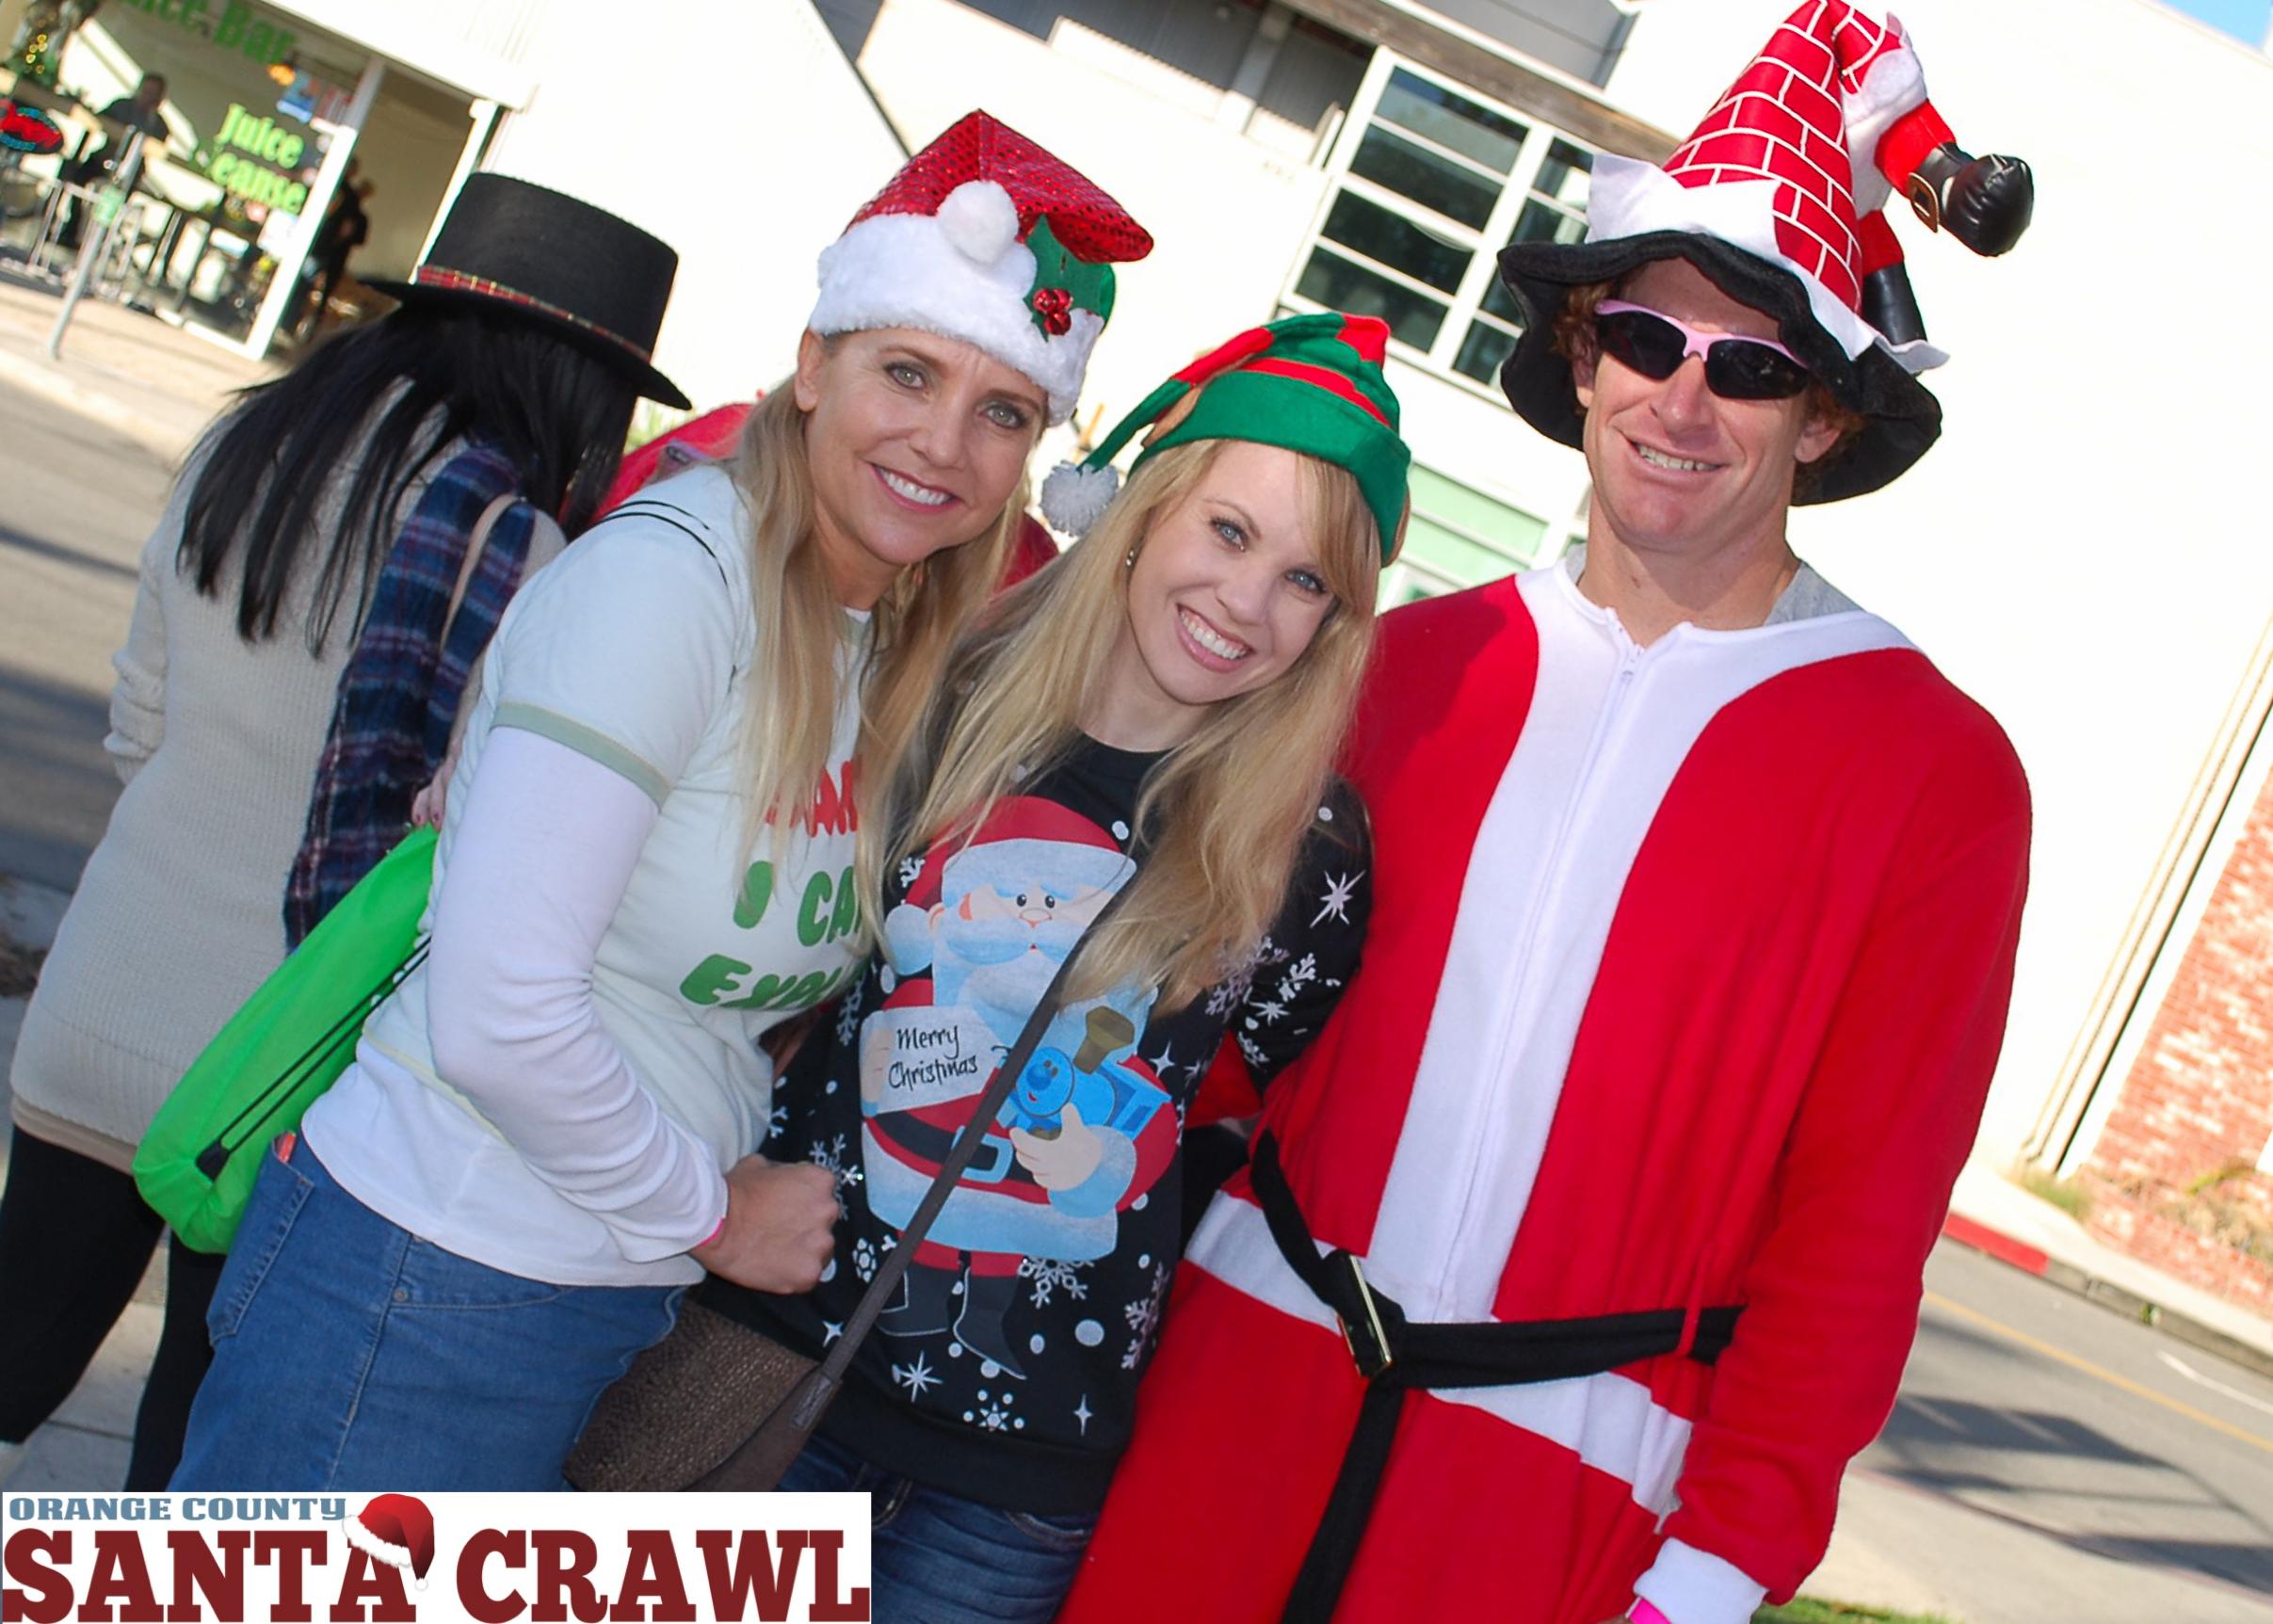 Newport Beach Santa Crawl 2014-8.jpg